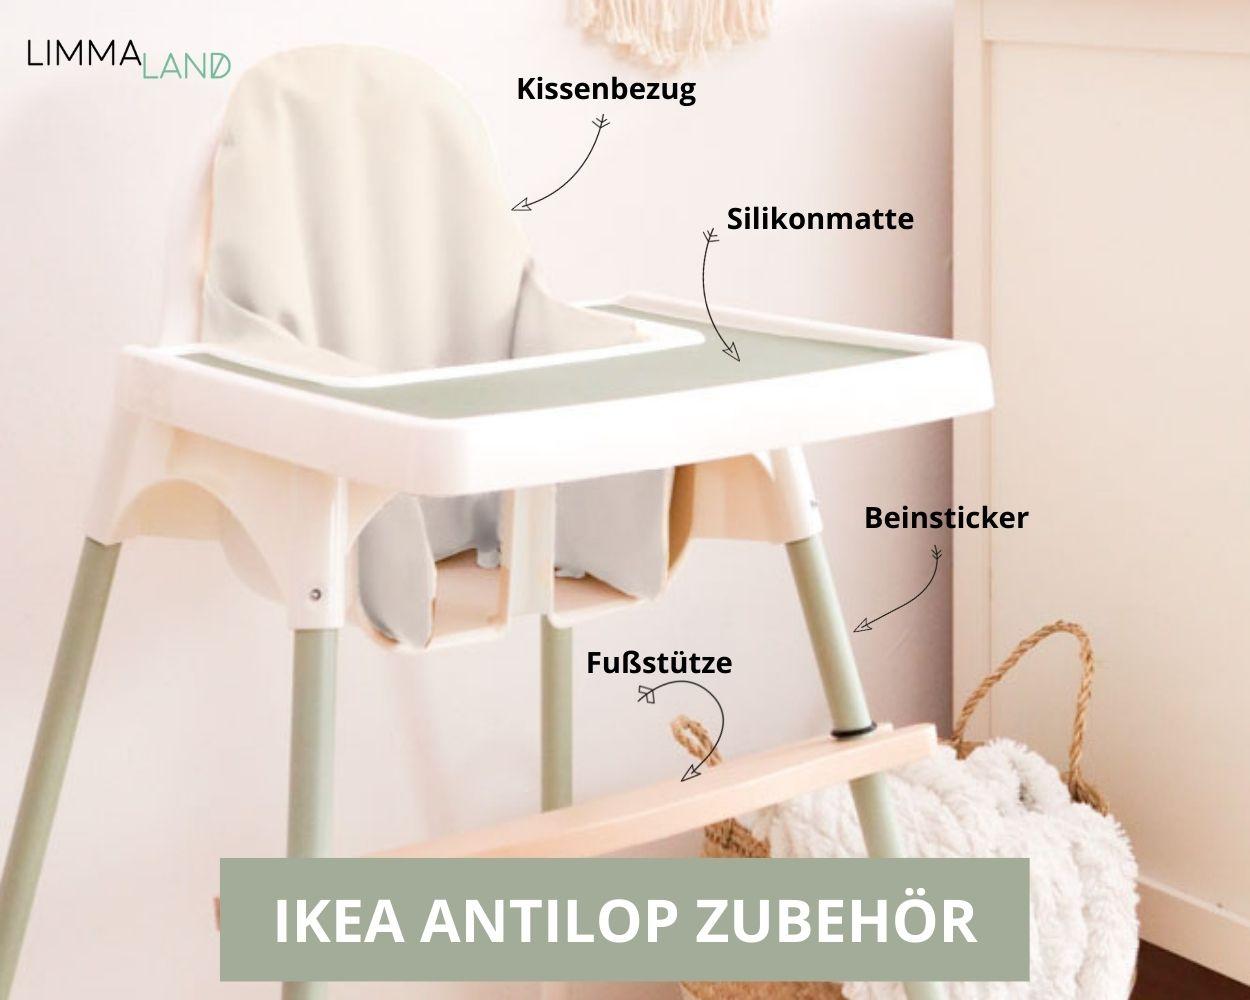 ikea-antilop-hochstuhl-zubehoer